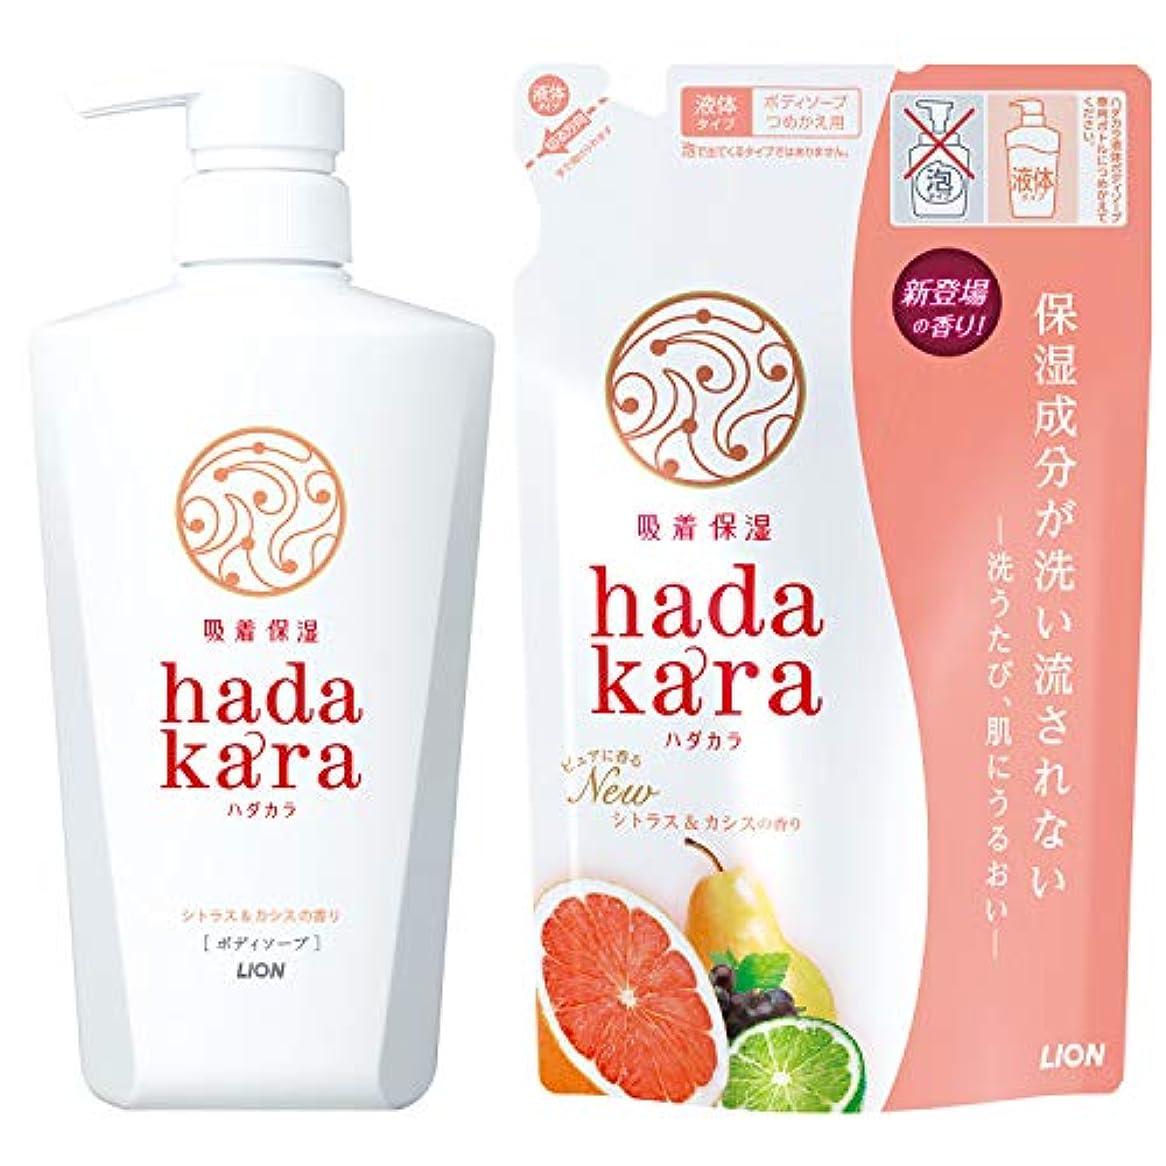 医療過誤最後の月hadakara(ハダカラ) ボディソープ シトラス&カシスの香り (本体500ml+つめかえ360ml) +